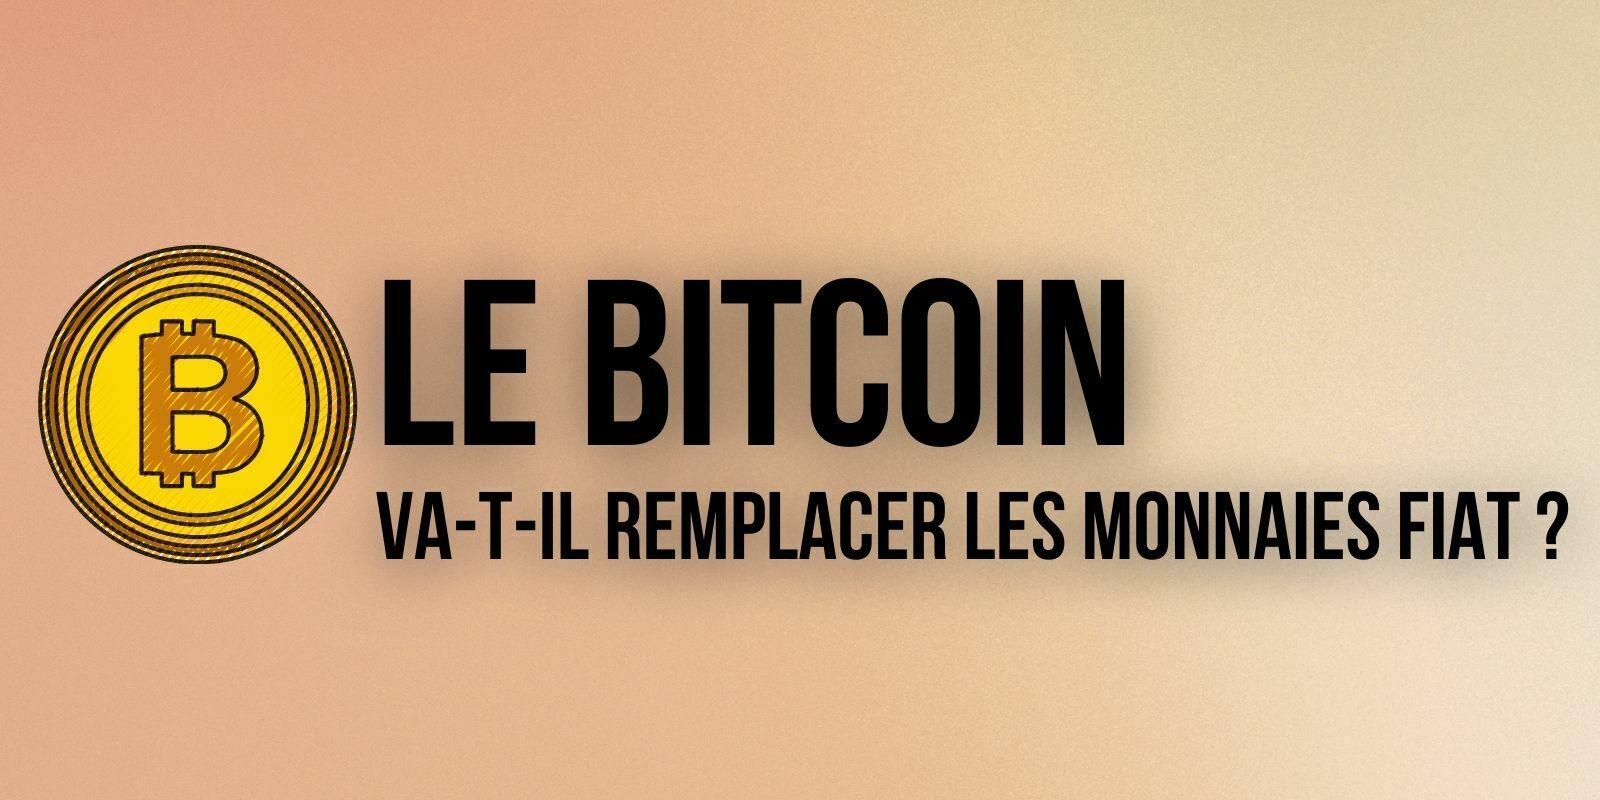 Ces experts en cryptomonnaies assurent que le Bitcoin (BTC) va remplacer les monnaies fiat d'ici 20 ans